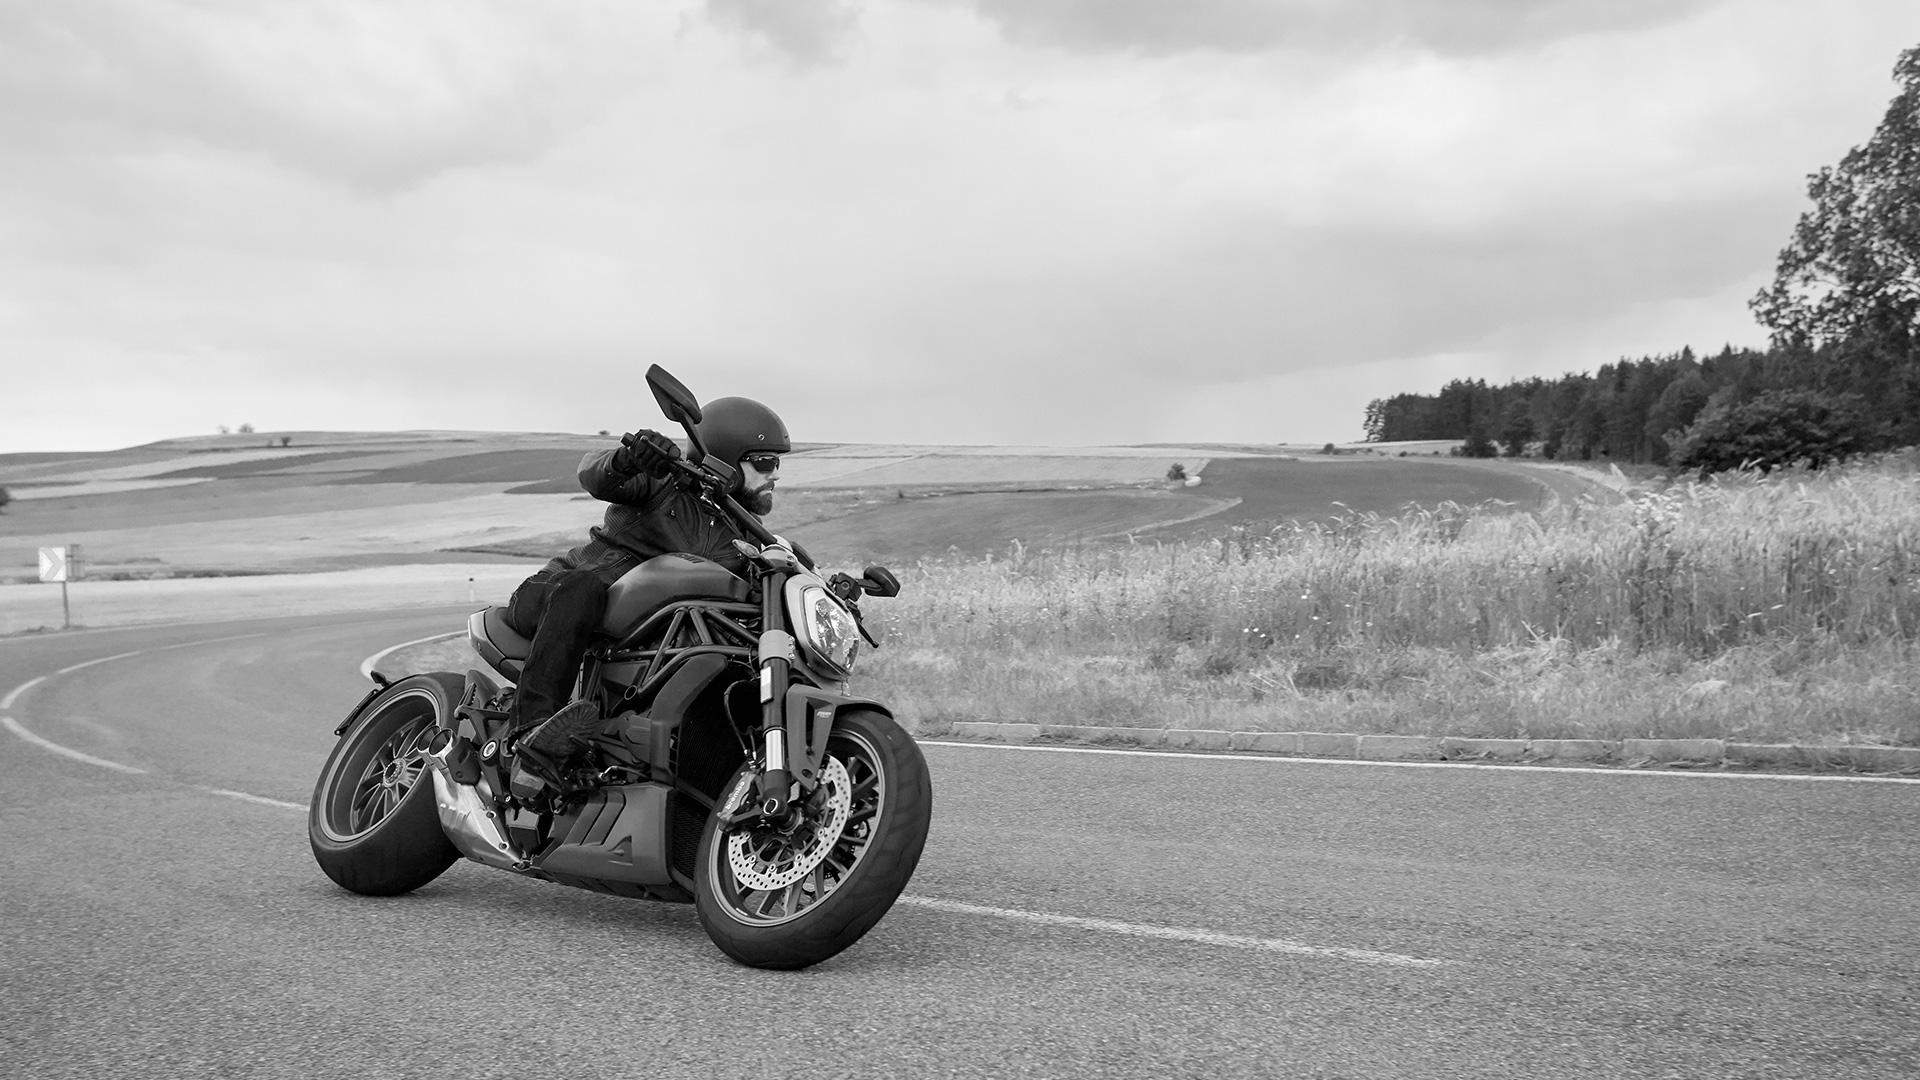 Ducati XDiavel: unique Sport-Cruiser bikes